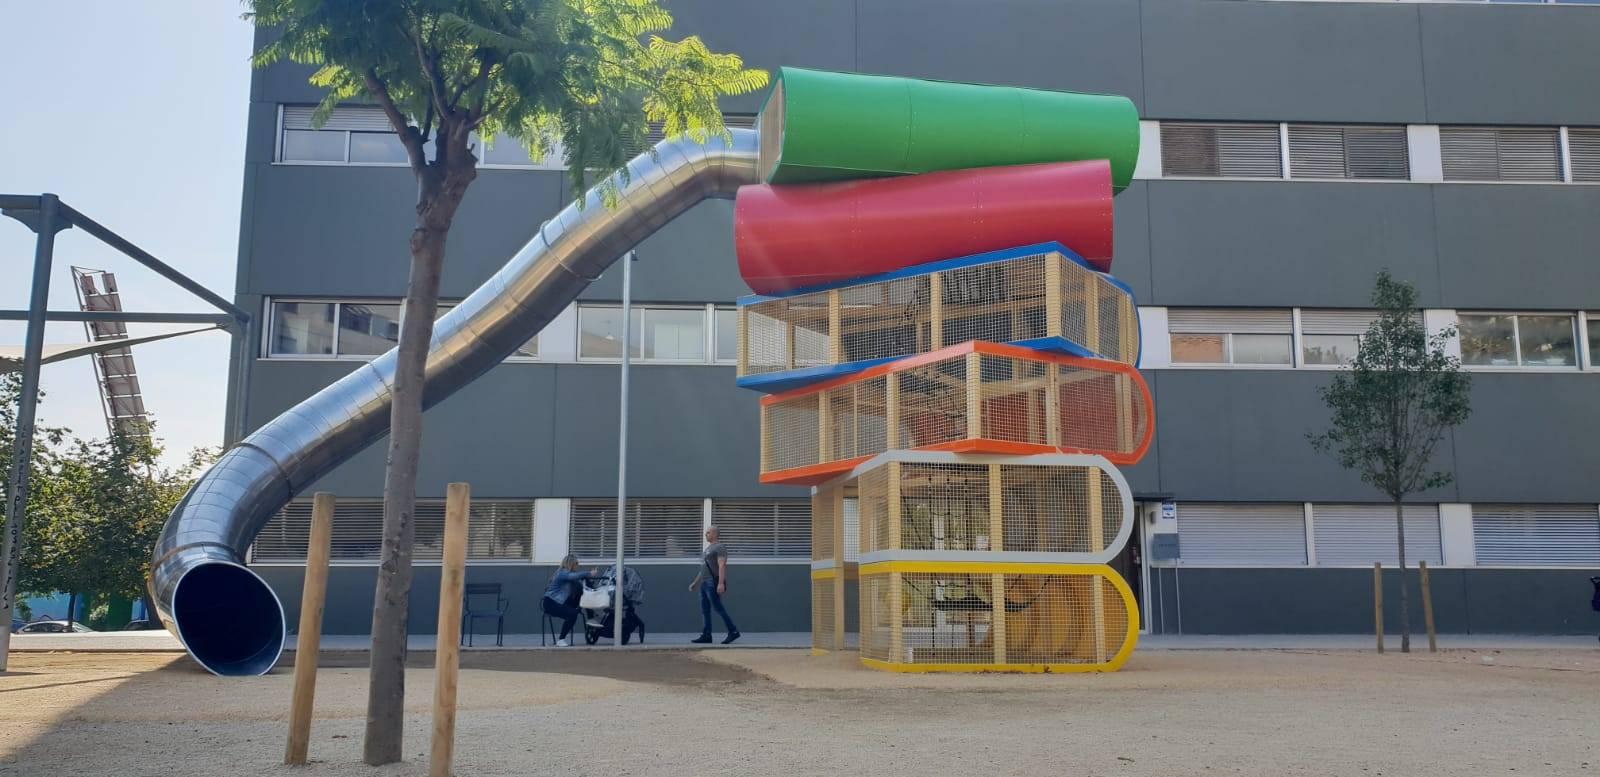 Арт-объекты современного города